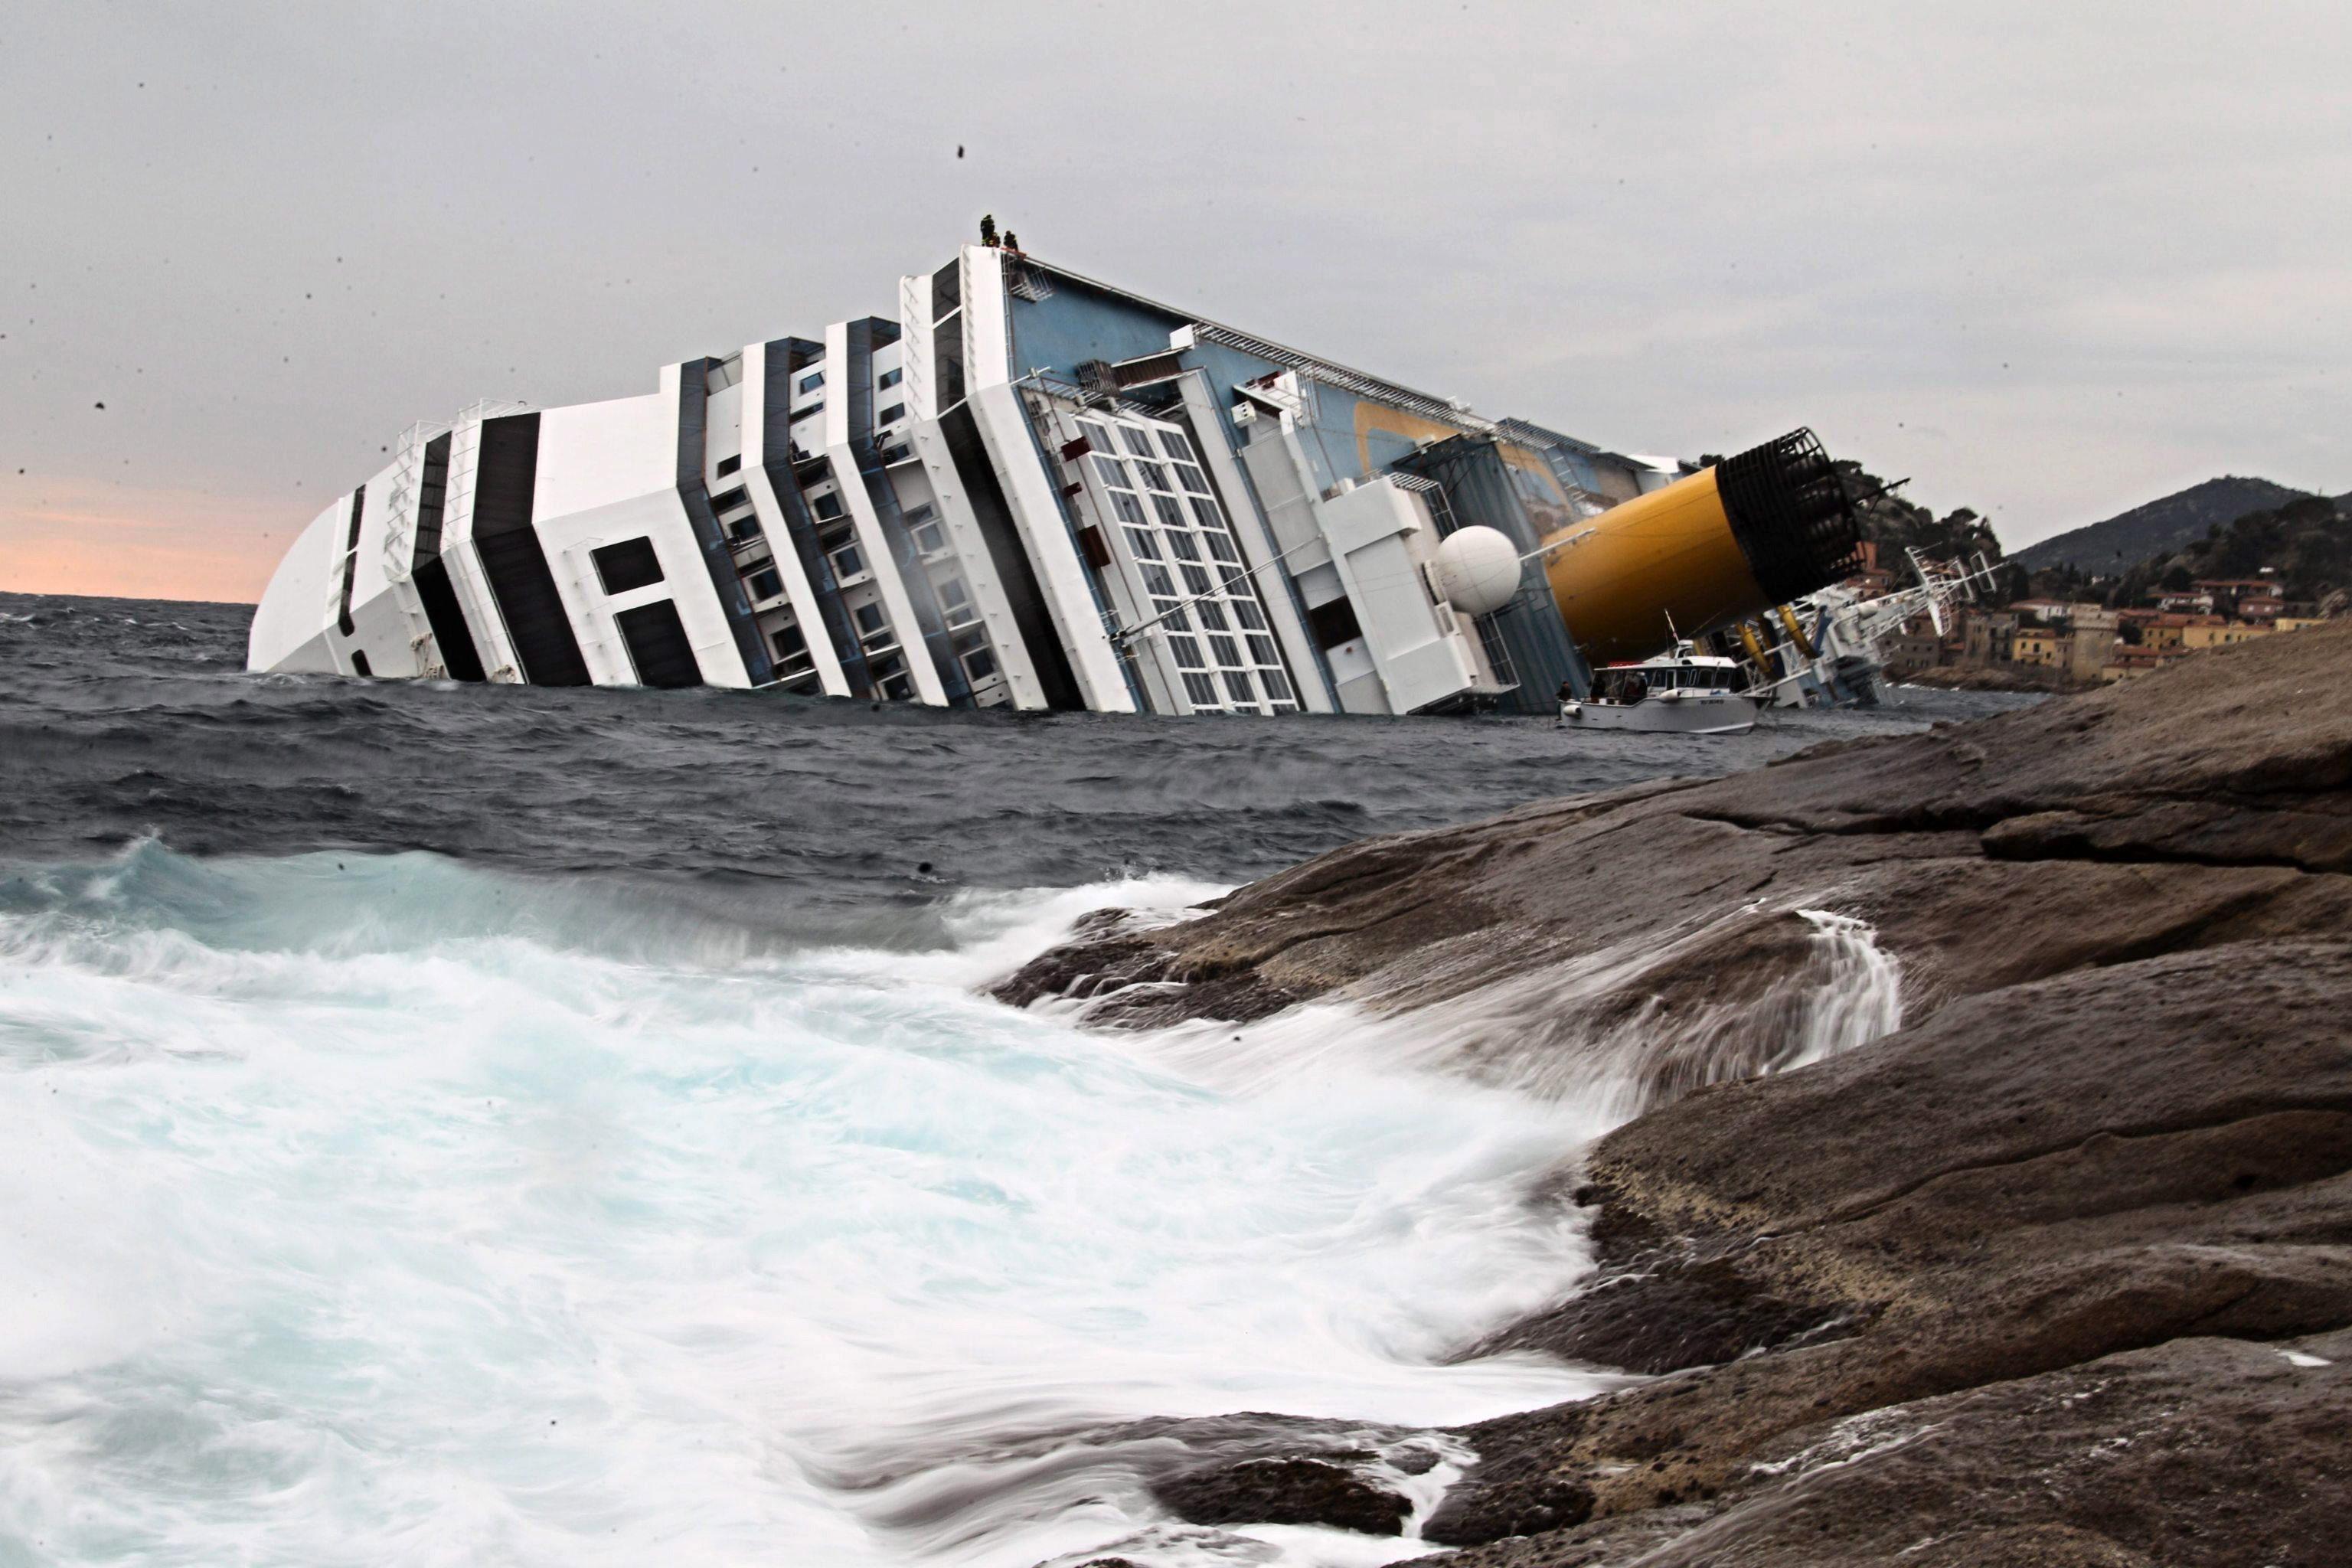 Los trabajos para enderezar el crucero »Costa Concordia» comenzarán este lunes